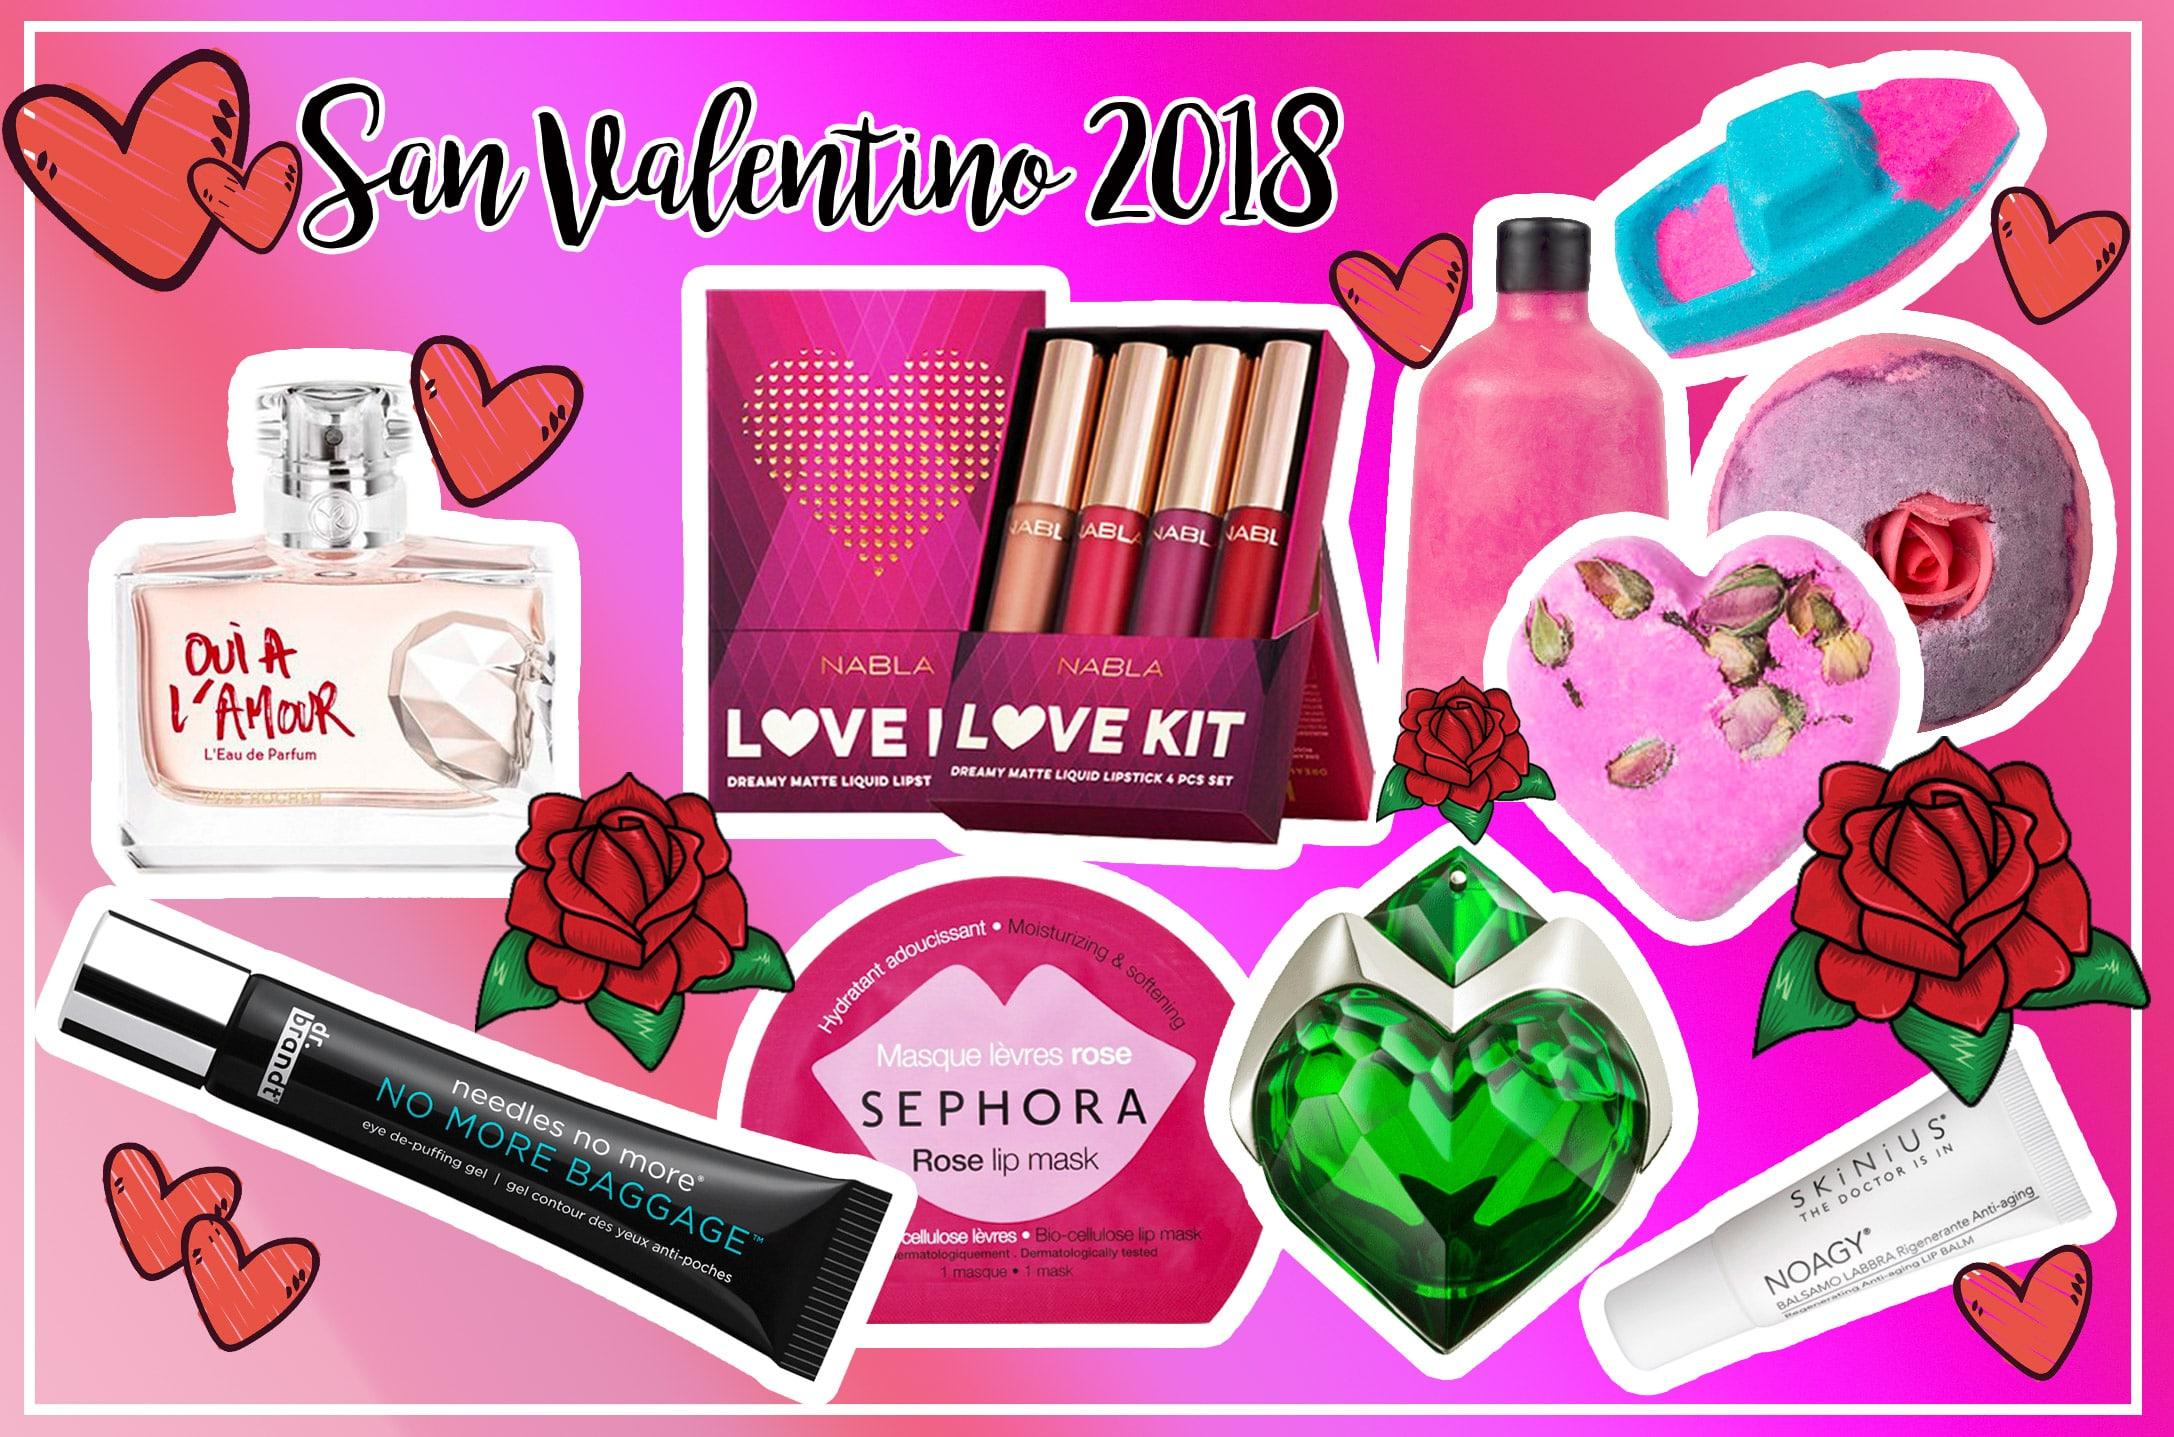 d36ed57407 San Valentino 2018, idee regalo beauty e make up, prezzi e consigli